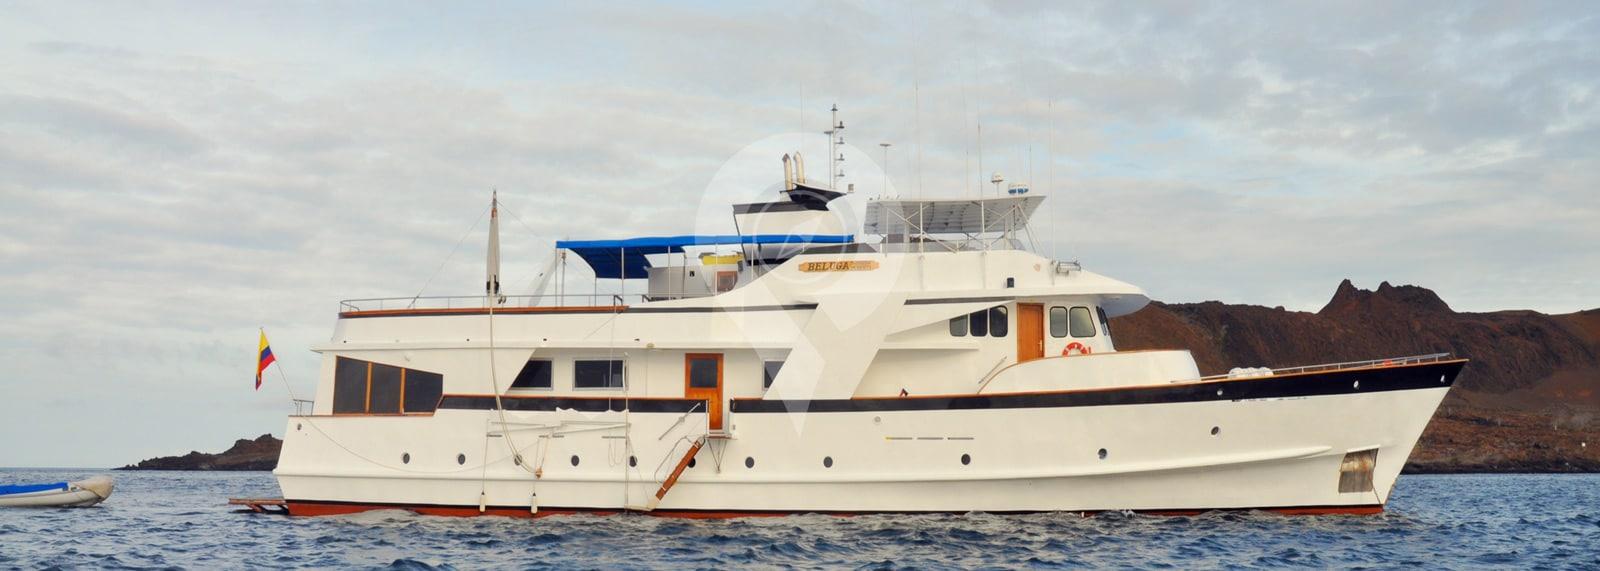 Beluga Galapagos Yacht